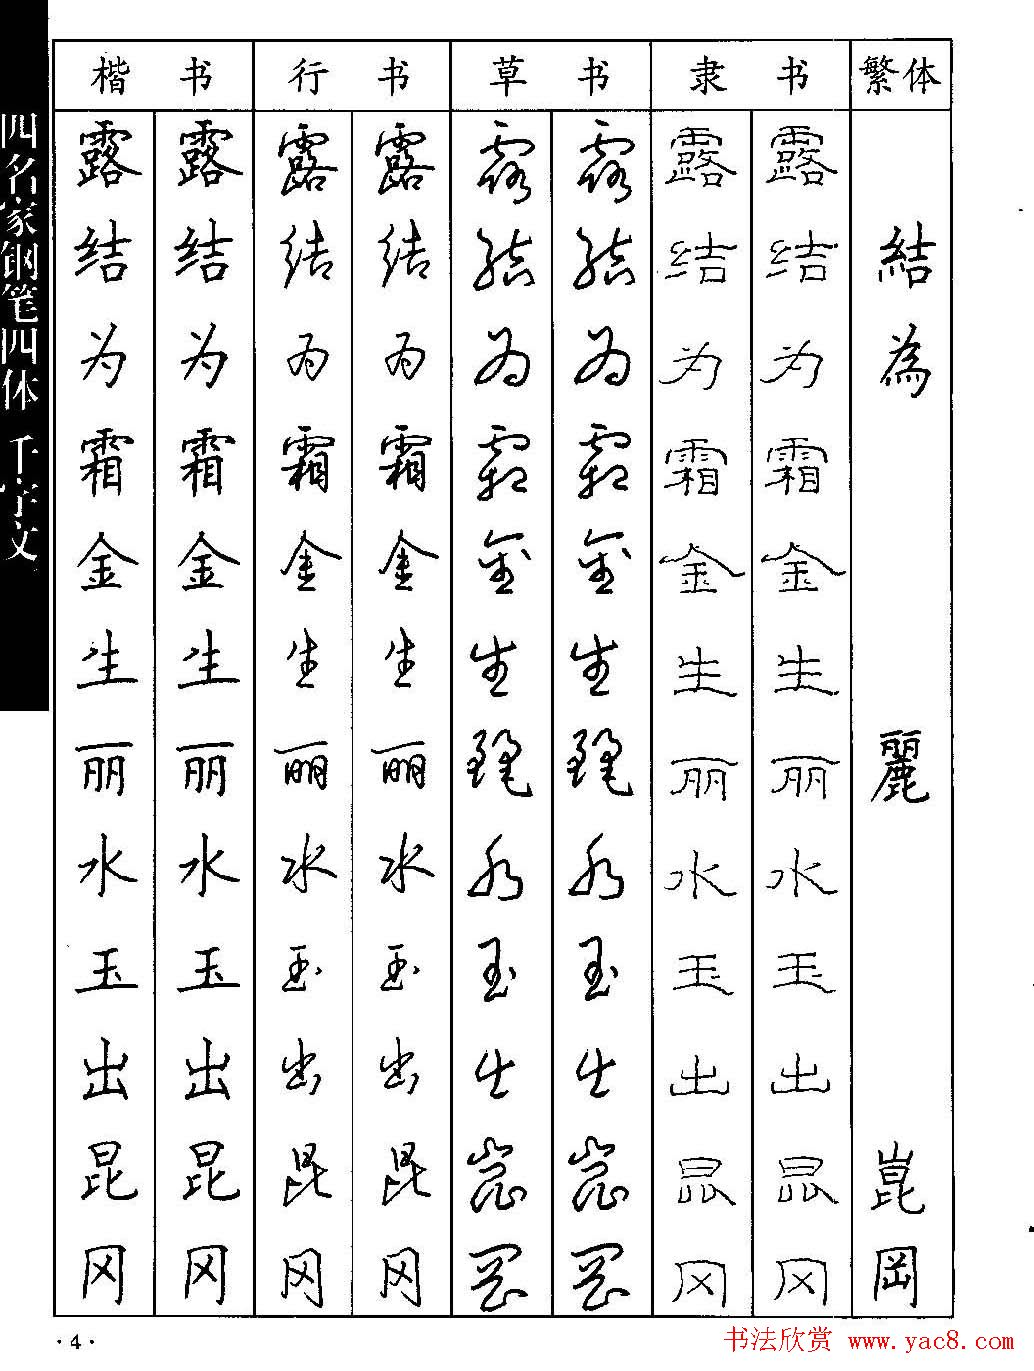 名家钢笔楷行草隶四体千字文字帖(4)图片